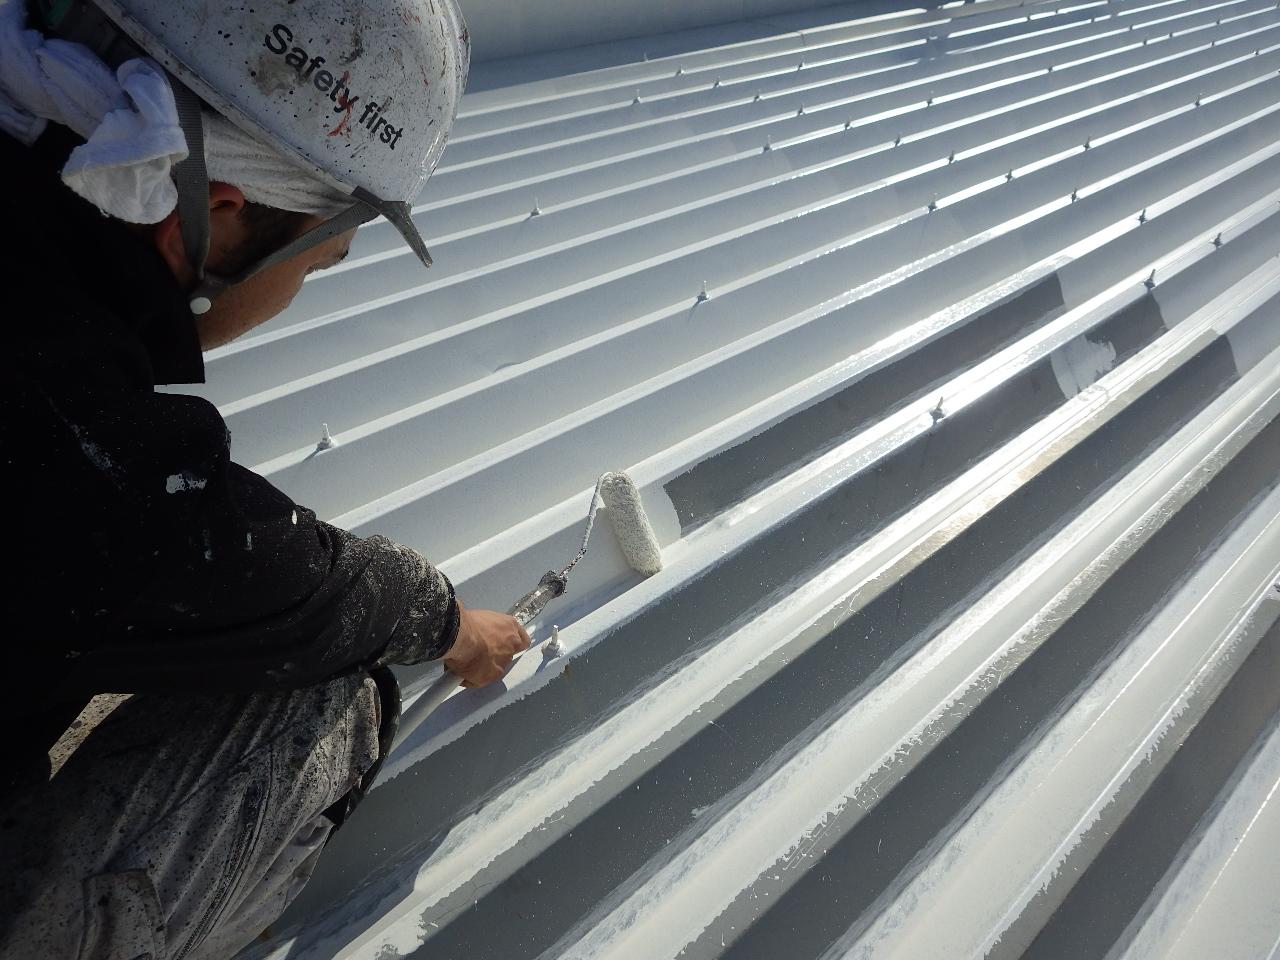 屋根を塗装するなら遮熱塗装ですかね?